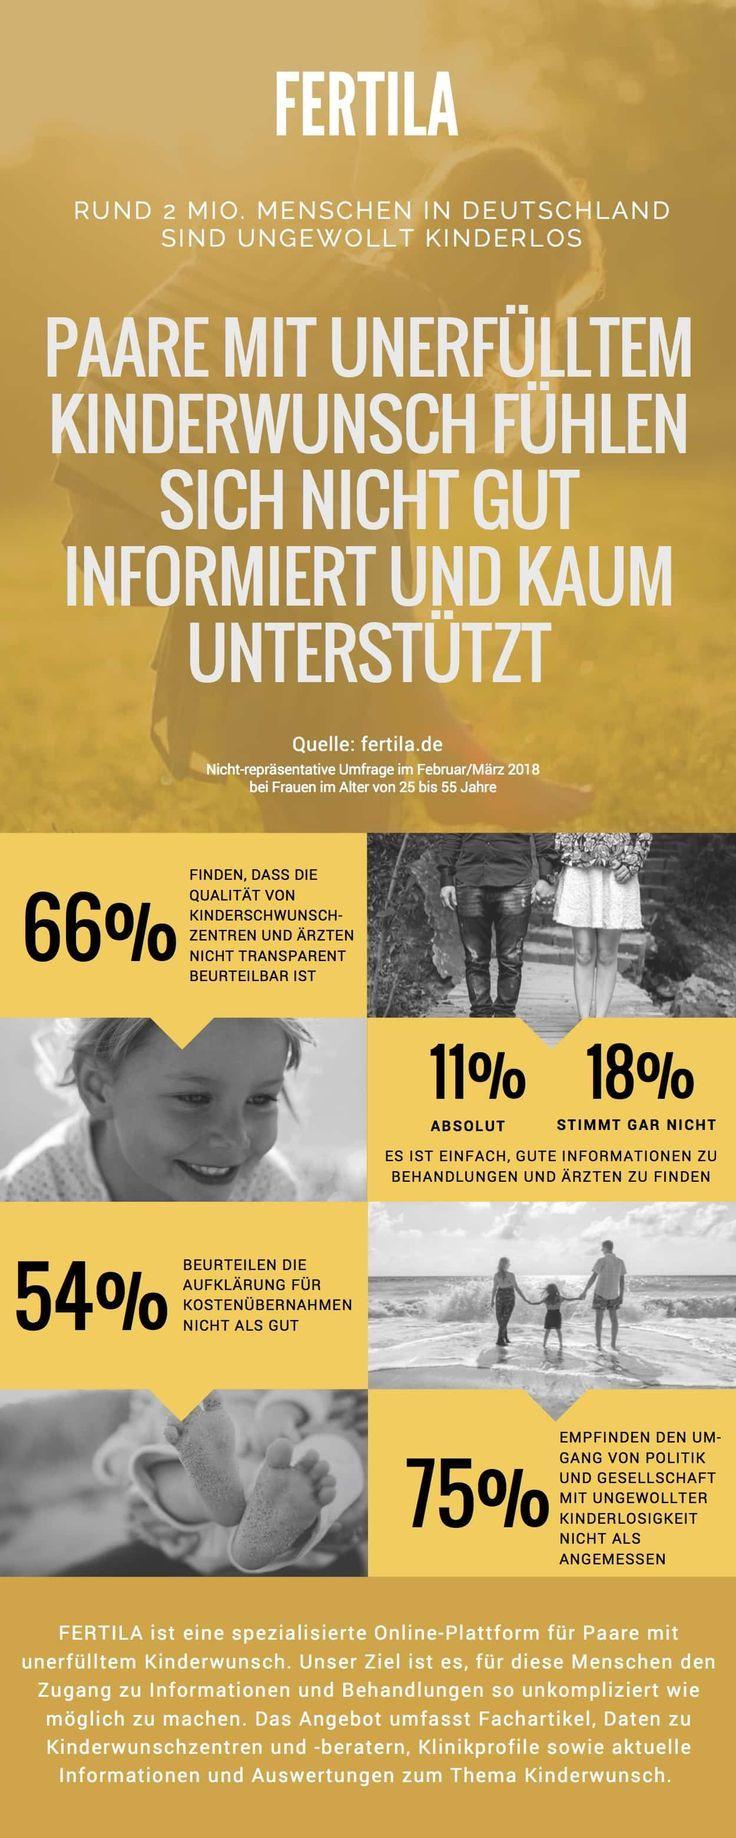 Kinderwunsch frauen statistik